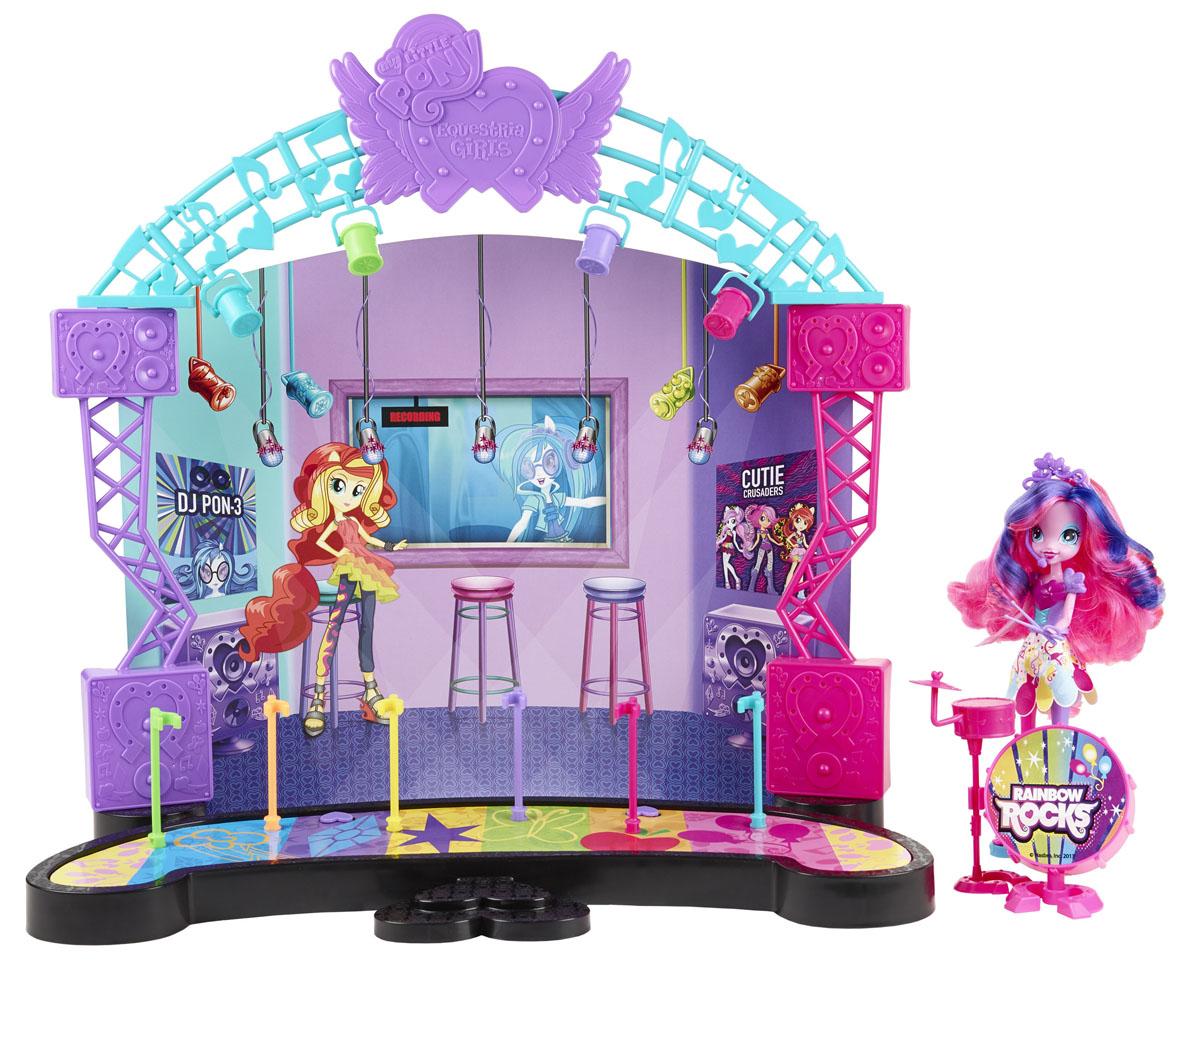 My Little Pony Игровой набор с куклой Рок-концерт Пинки ПайA8060Игровой набор My Little Pony Рок-концерт, созданный по мотивам мультфильма Equestria Girls (Девочки из Эквестрии), непременно понравится вашей малышке. Для Пинки Пай пришло время выйти на сцену и начать свой рок-концерт! Куколка с длинными розово-фиолетовыми волосами выглядит как настоящая рок-звезда. Она одета в фиолетовую кофточку и разноцветную юбку, на ногах - голубые босоножки на высоком каблуке. В комплект входят элементы для сборки сцены, кукла и барабанная установка. Ваша малышка с удовольствием будет играть с этим набором, каждый раз придумывая новые истории. Порадуйте ее таким замечательным подарком! Остальные куклы продаются отдельно.